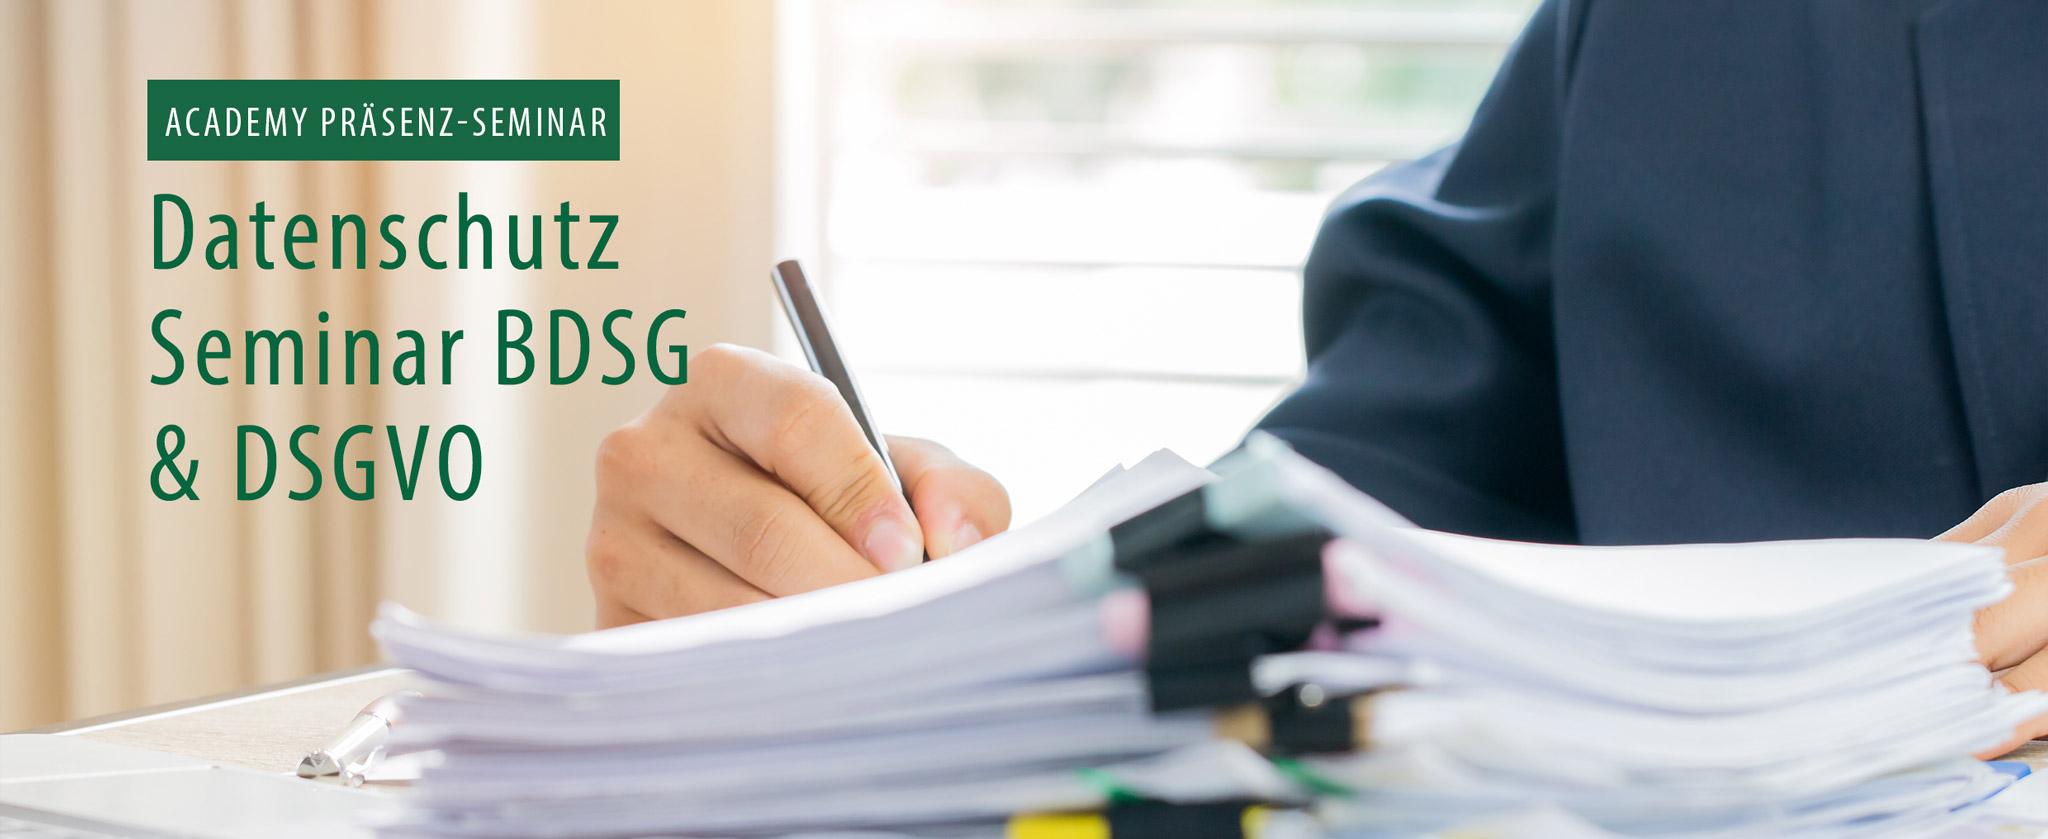 """Büroarbeiter füllt Formulare aus, Text: """"Datenschutz Seminar BDSG 6 DSGVO"""""""